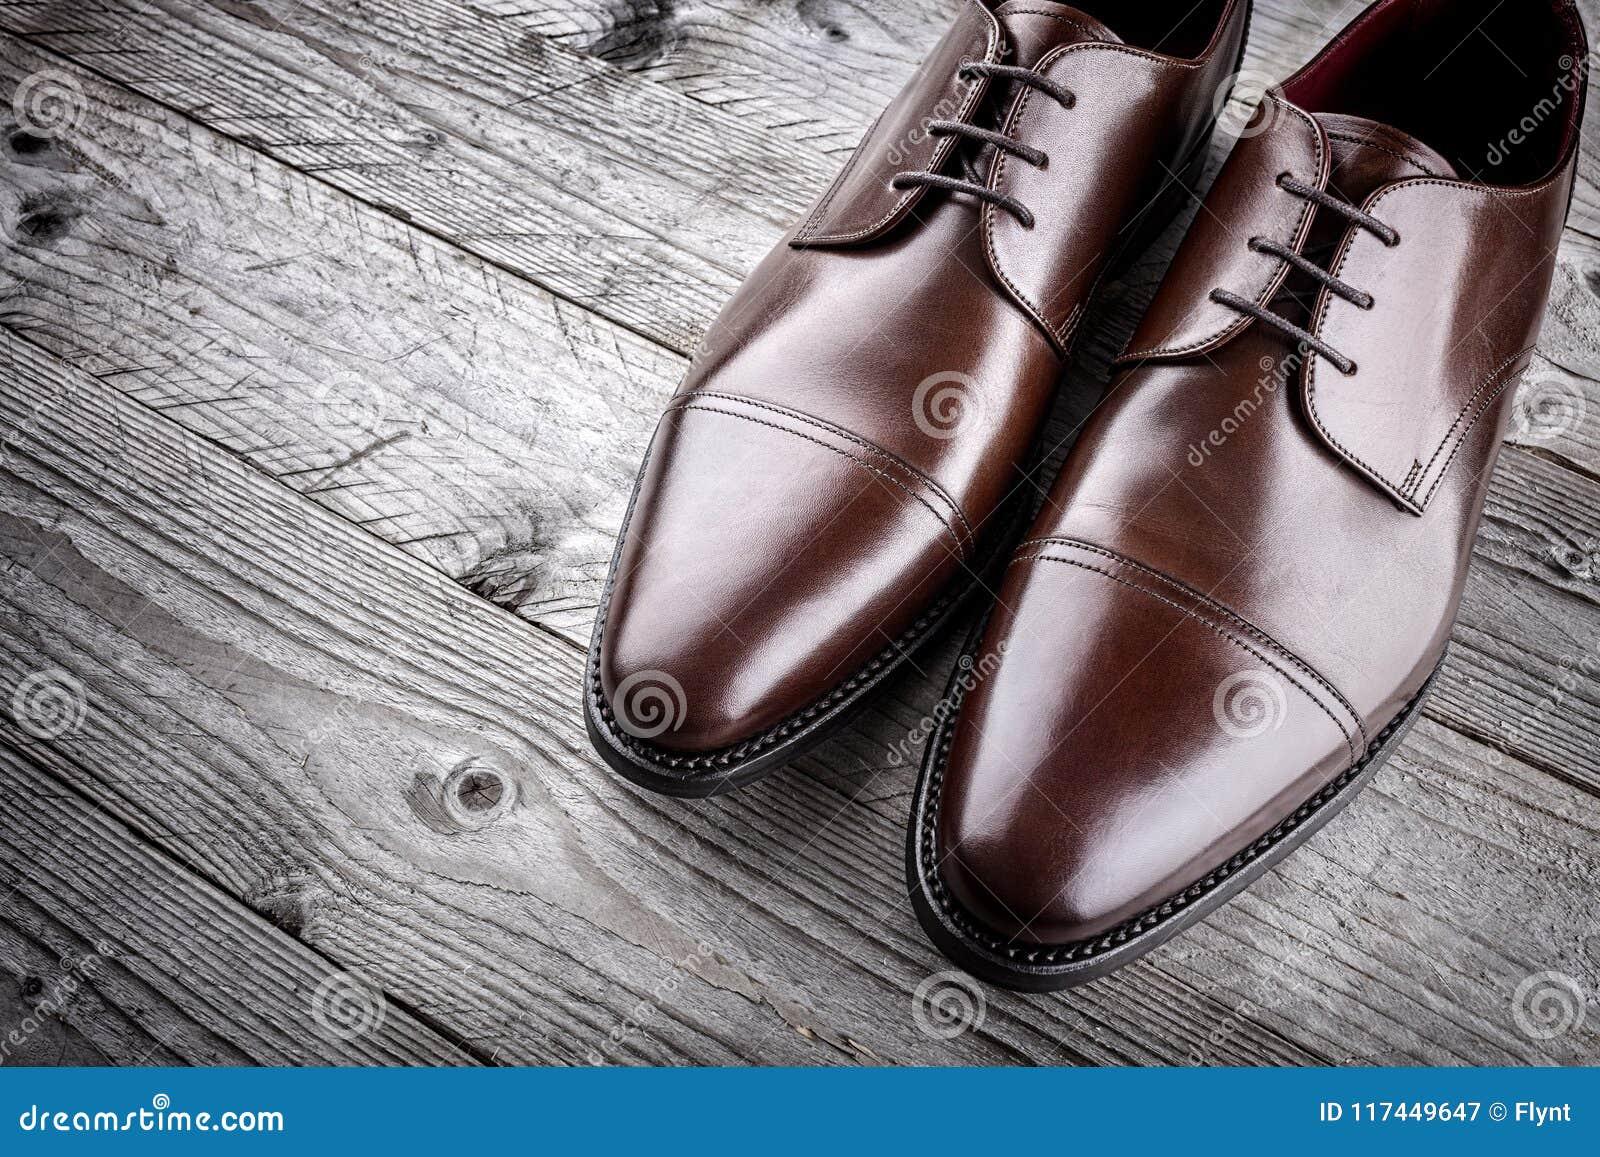 Chaussures En Cuir Brunes Formelles Classiques Image stock